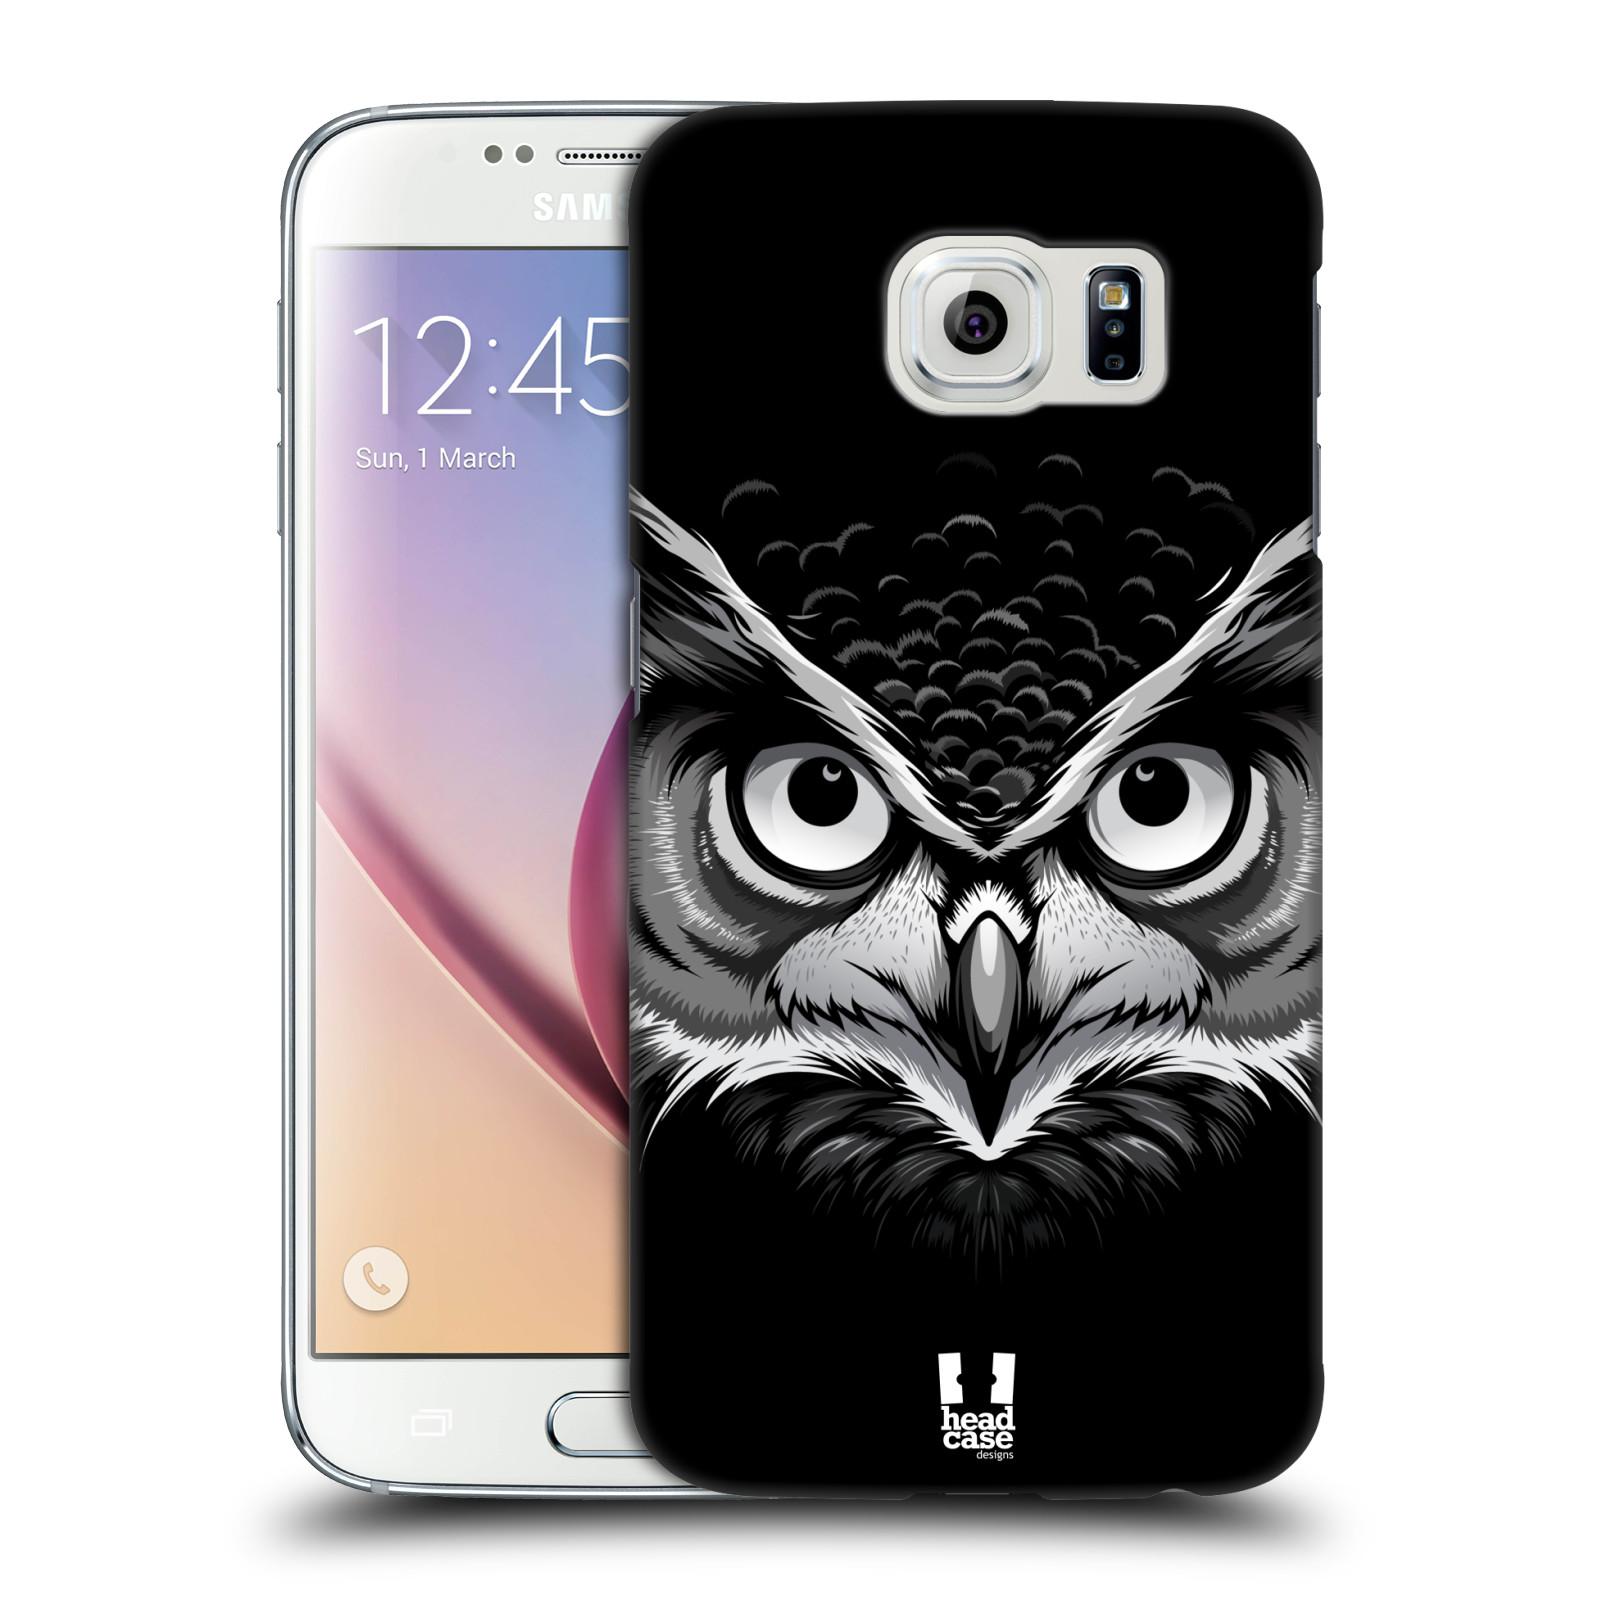 HEAD CASE plastový obal na mobil SAMSUNG Galaxy S6 (G9200, G920F) vzor Zvíře kreslená tvář 2 sova